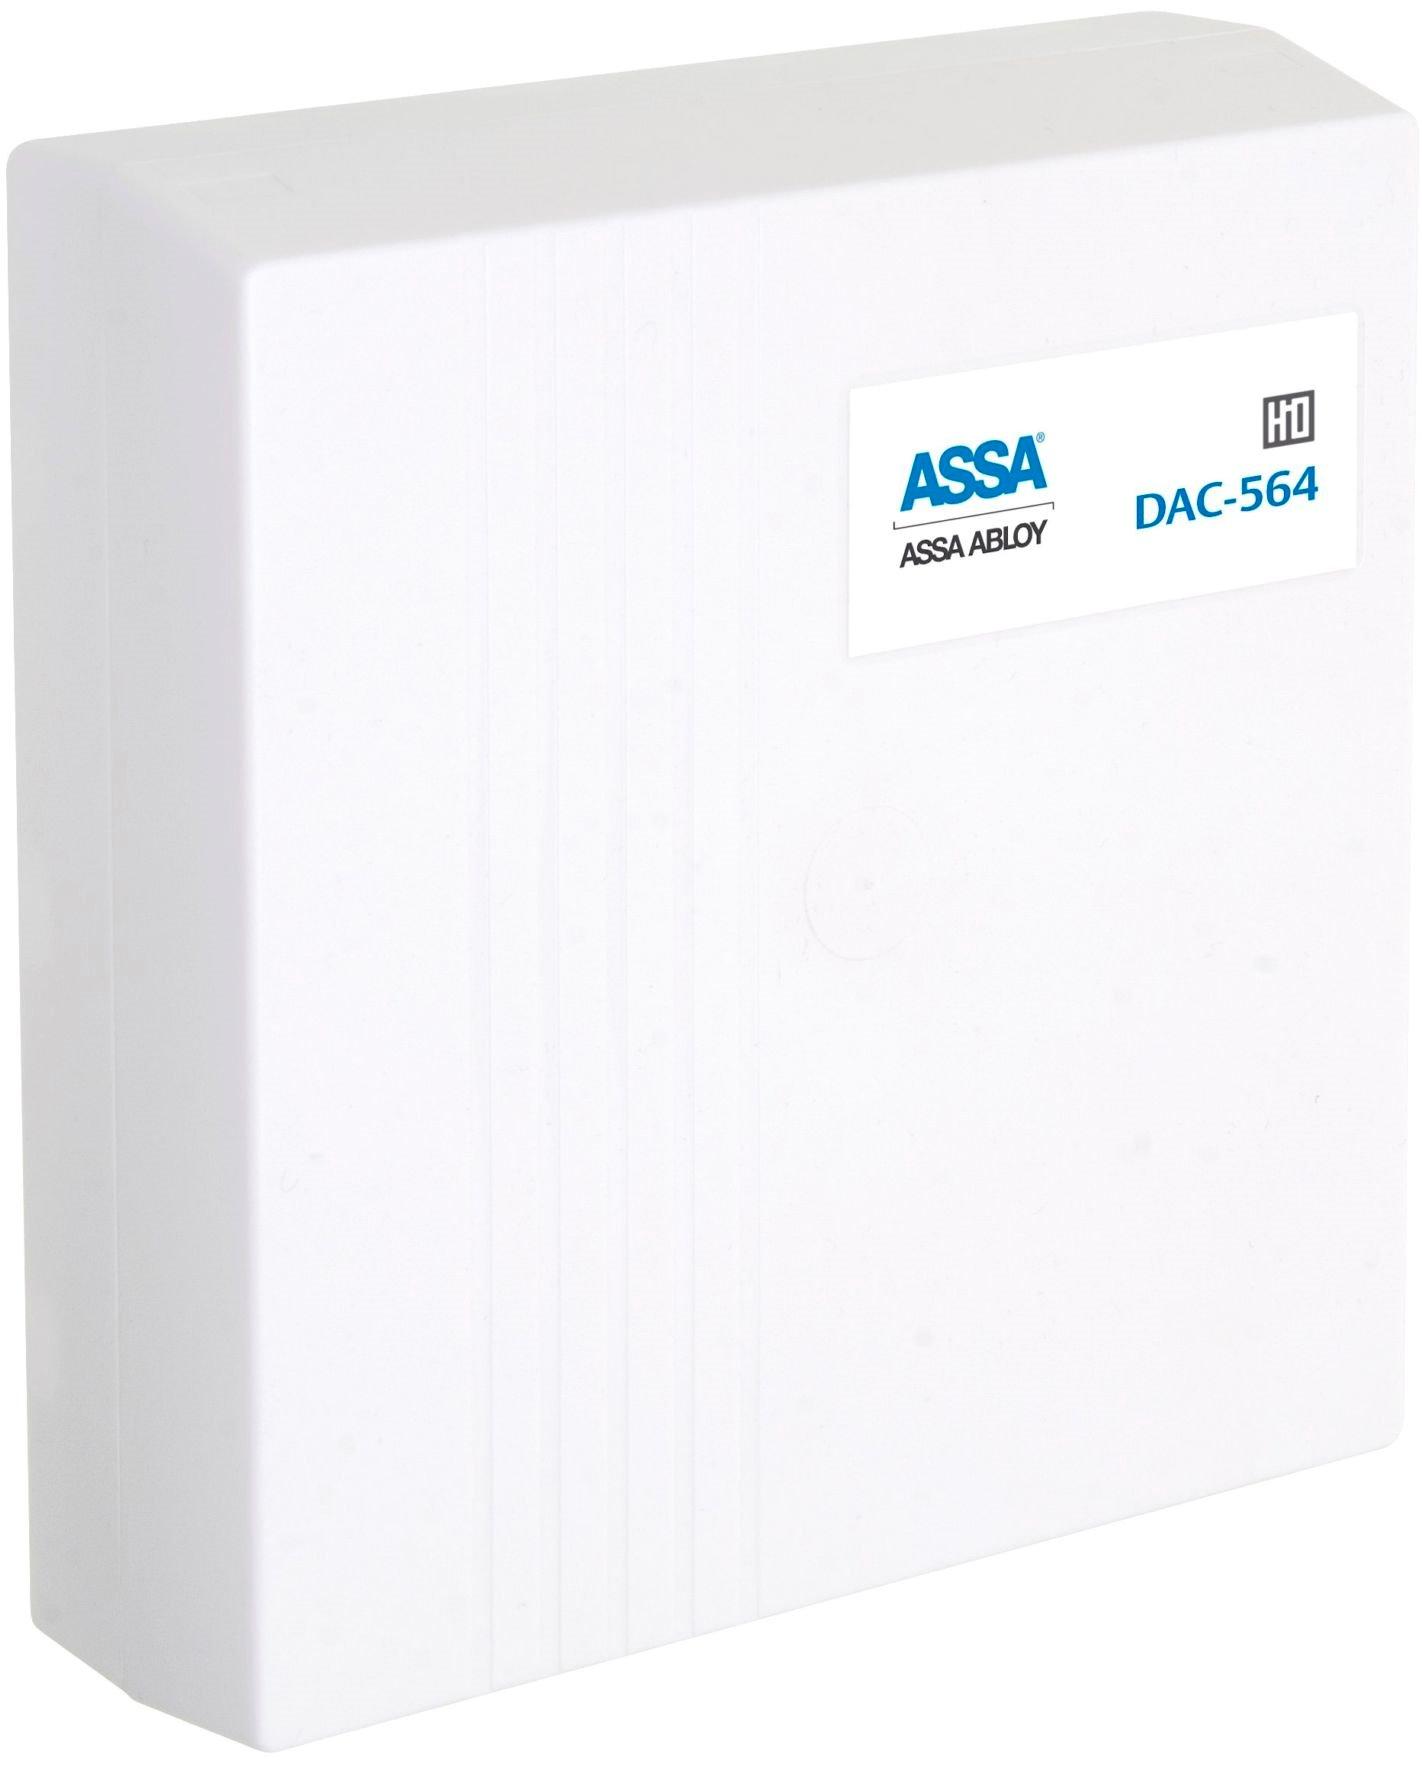 DAC564III styreenhet F/Hi-O låser